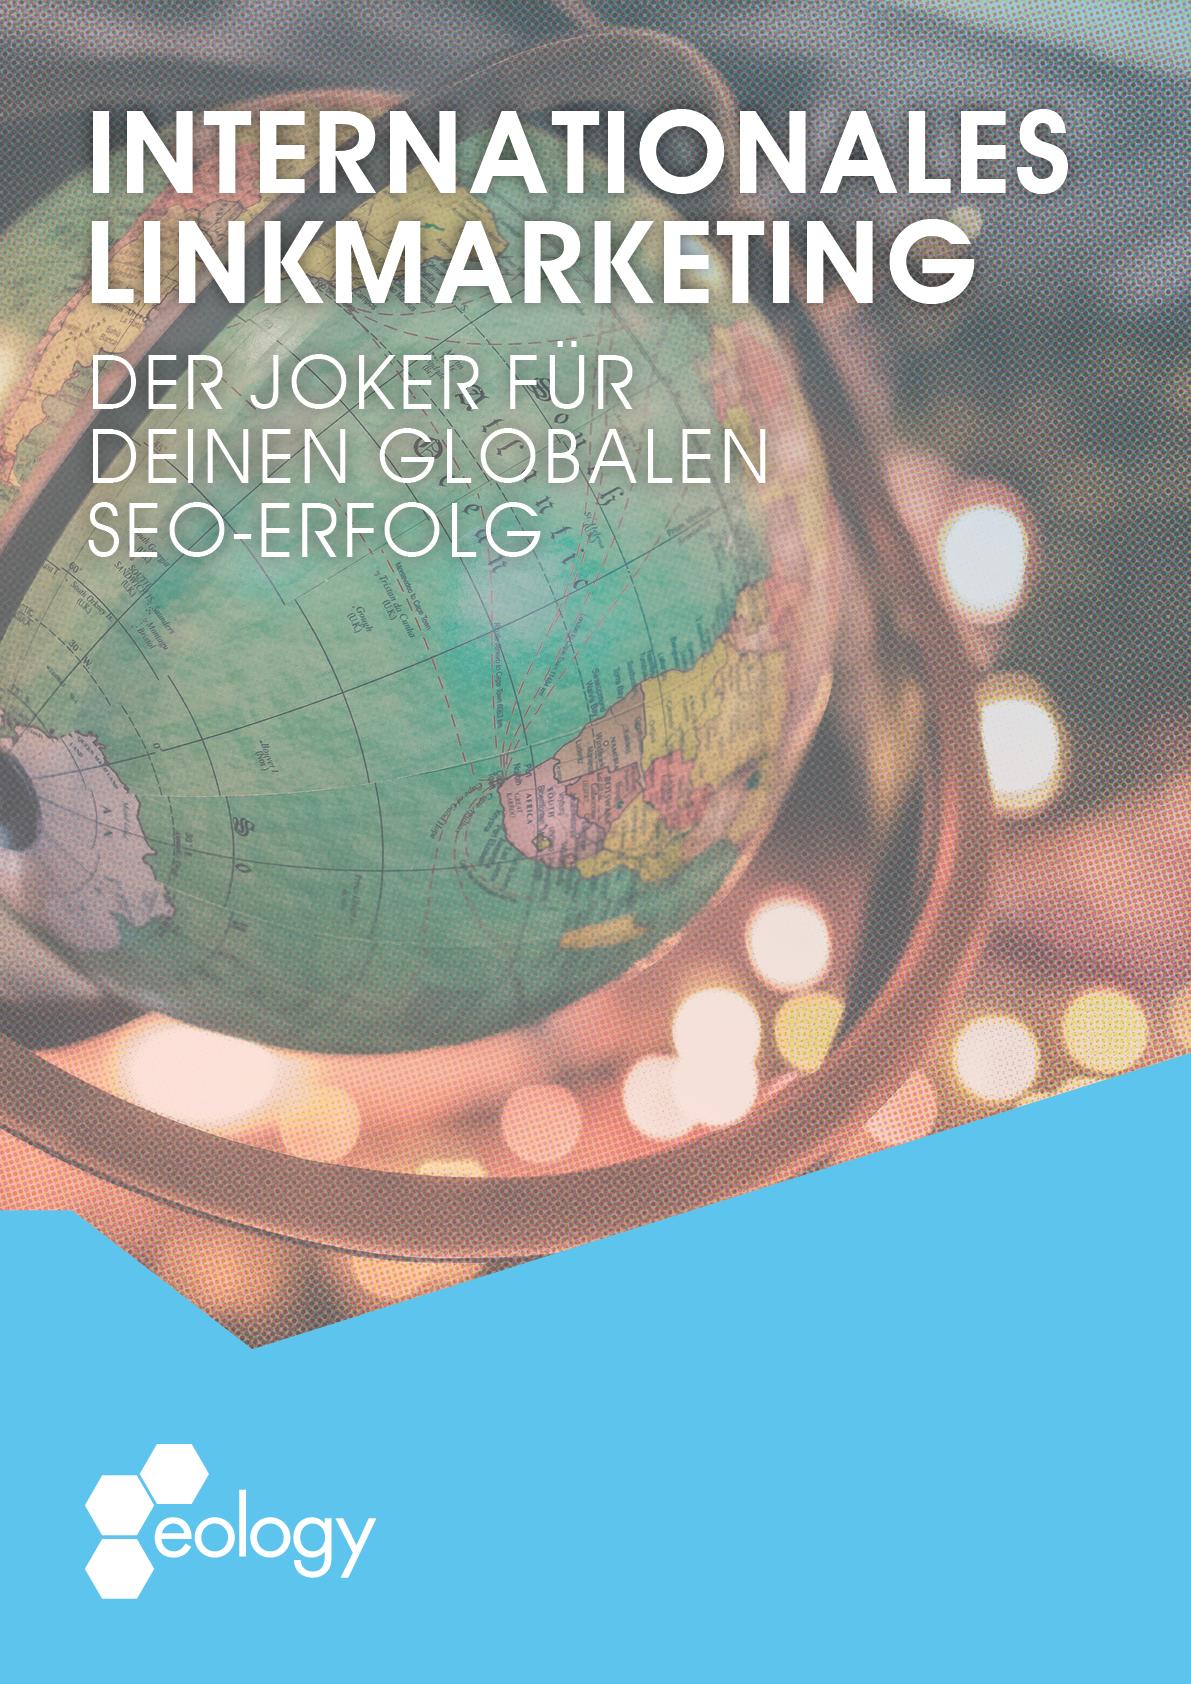 """Zu sehen ist das Cover des Whitepapers """"Internationales Linkmarketing –der Joker für Deinen globalen SEO-Erfolg"""". Mit einem Klick auf das Titelbild gelangst Du zum Whitepaper."""